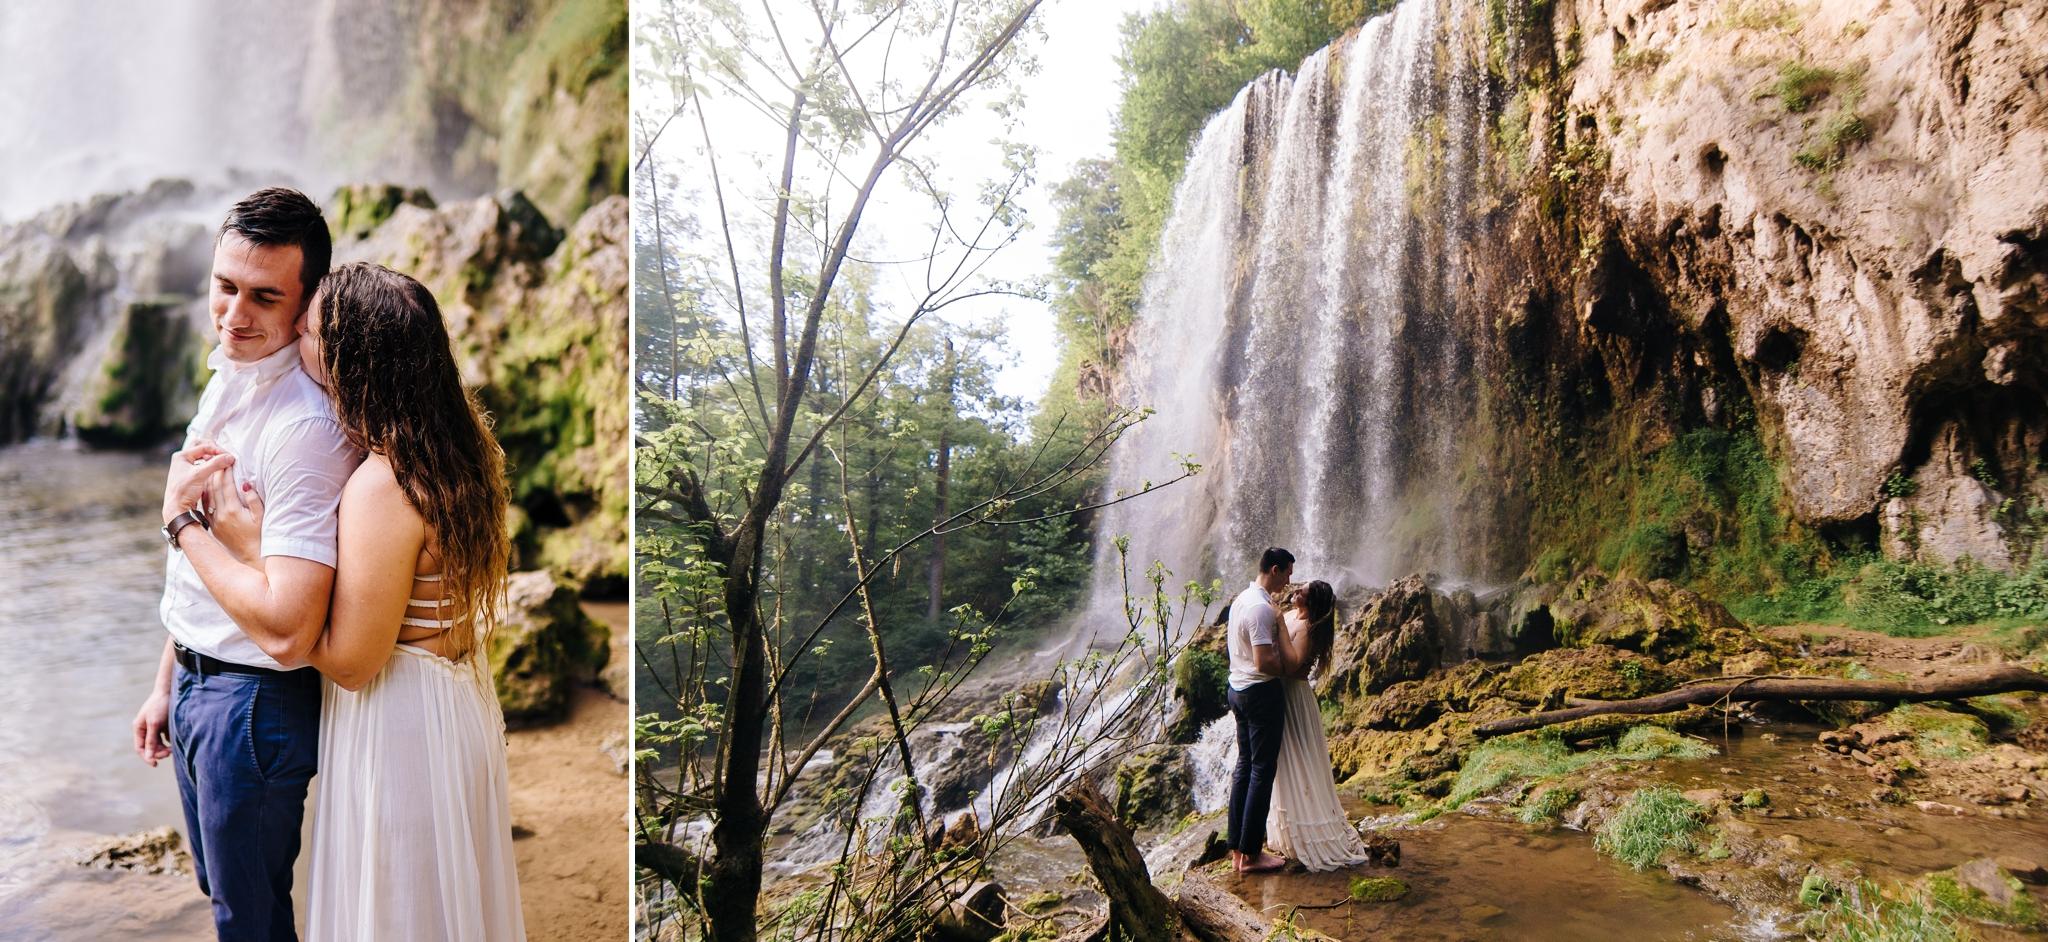 Molly & Chris Engagement 9.jpg